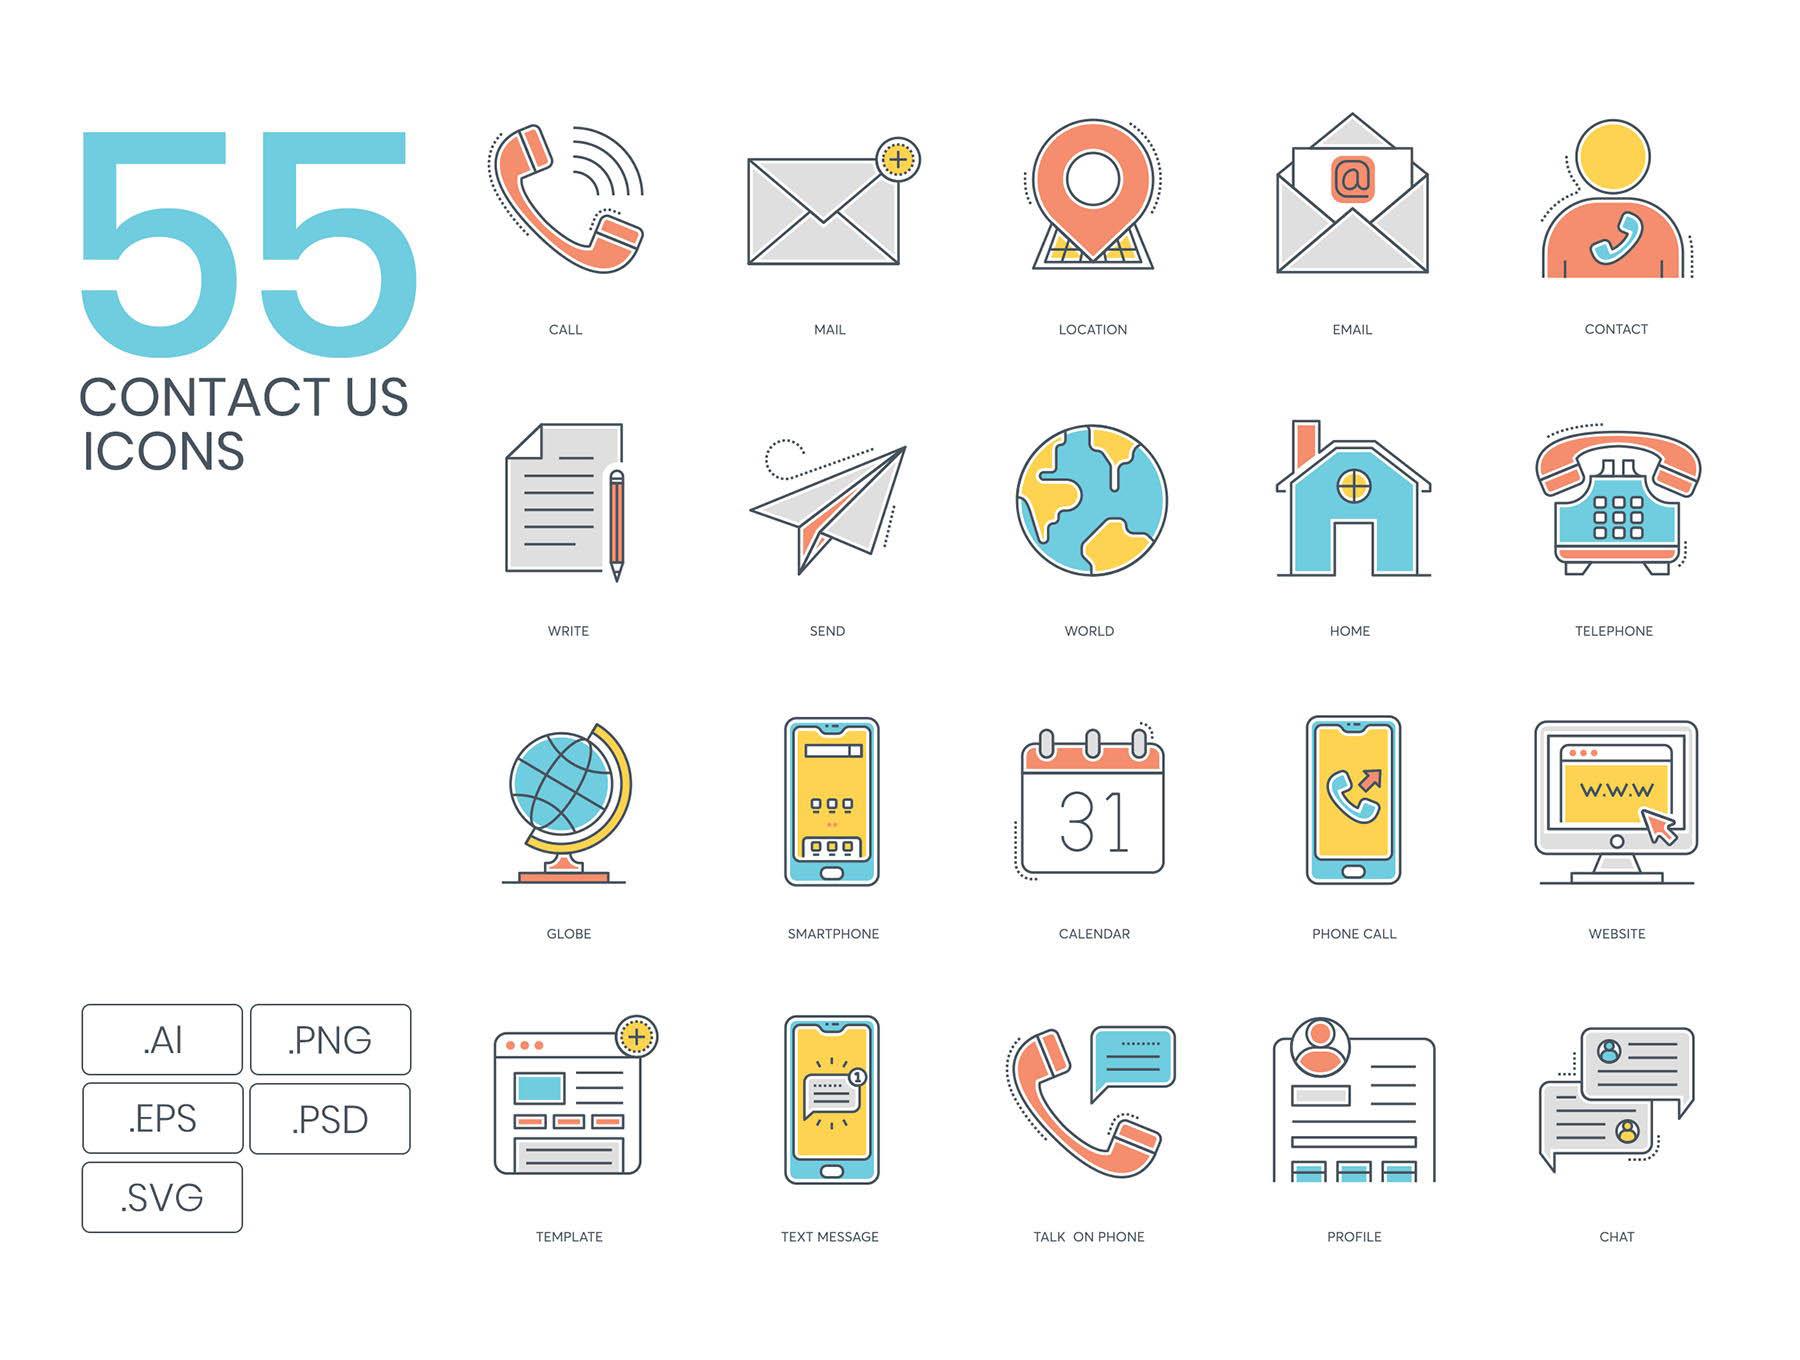 55联系相关的图标套装下载[Ai]